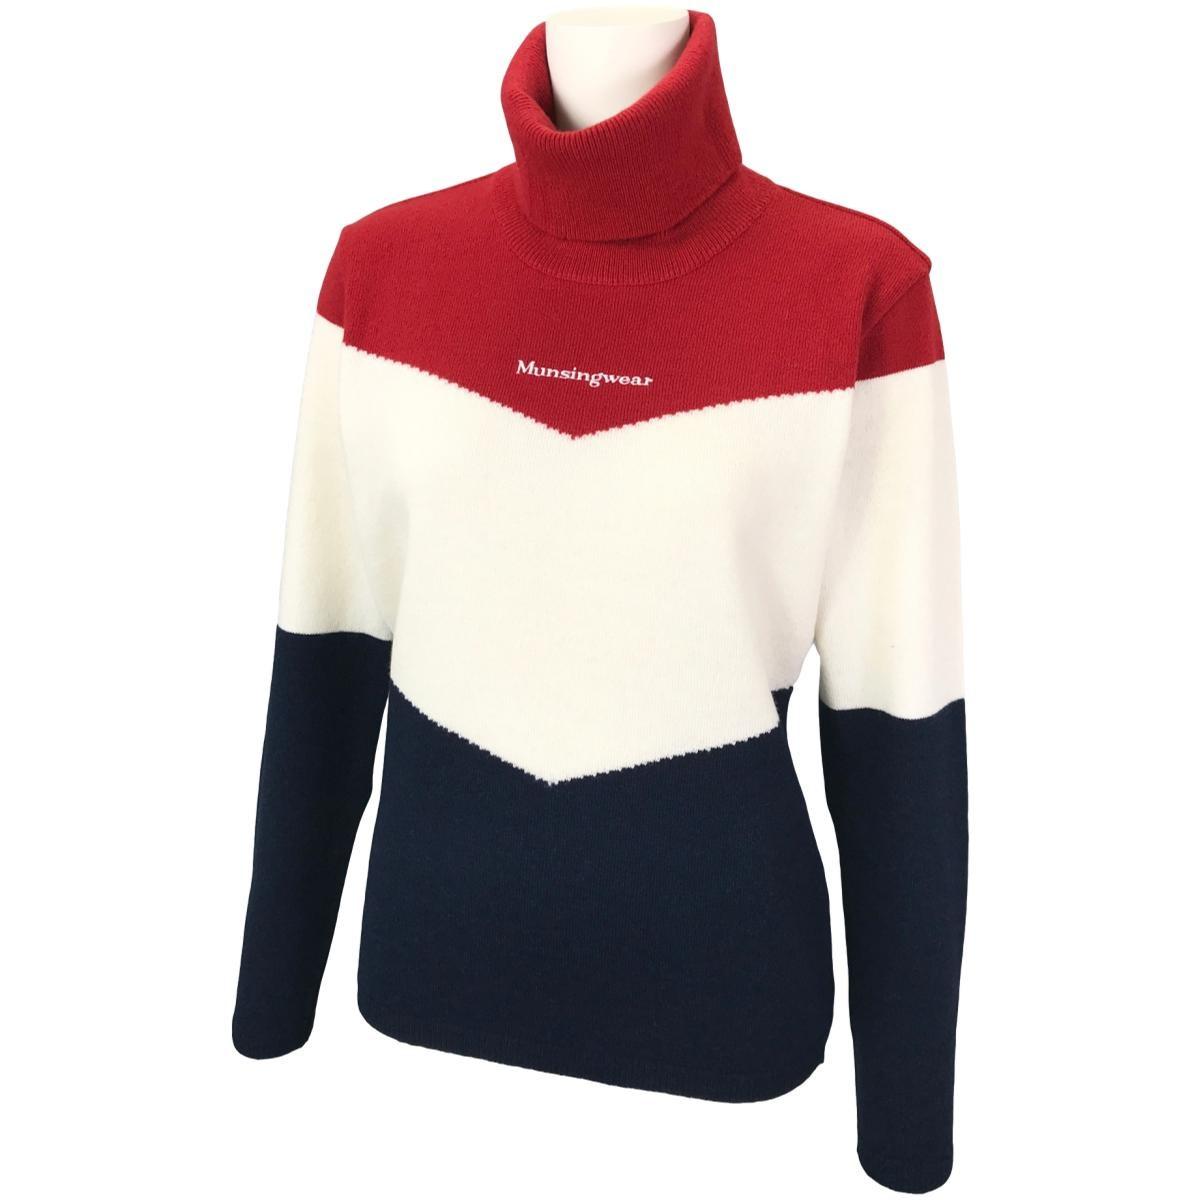 マンシングウェア Munsingwear 3色切替タートルネックセーター LL レッド/ネイビー レディス